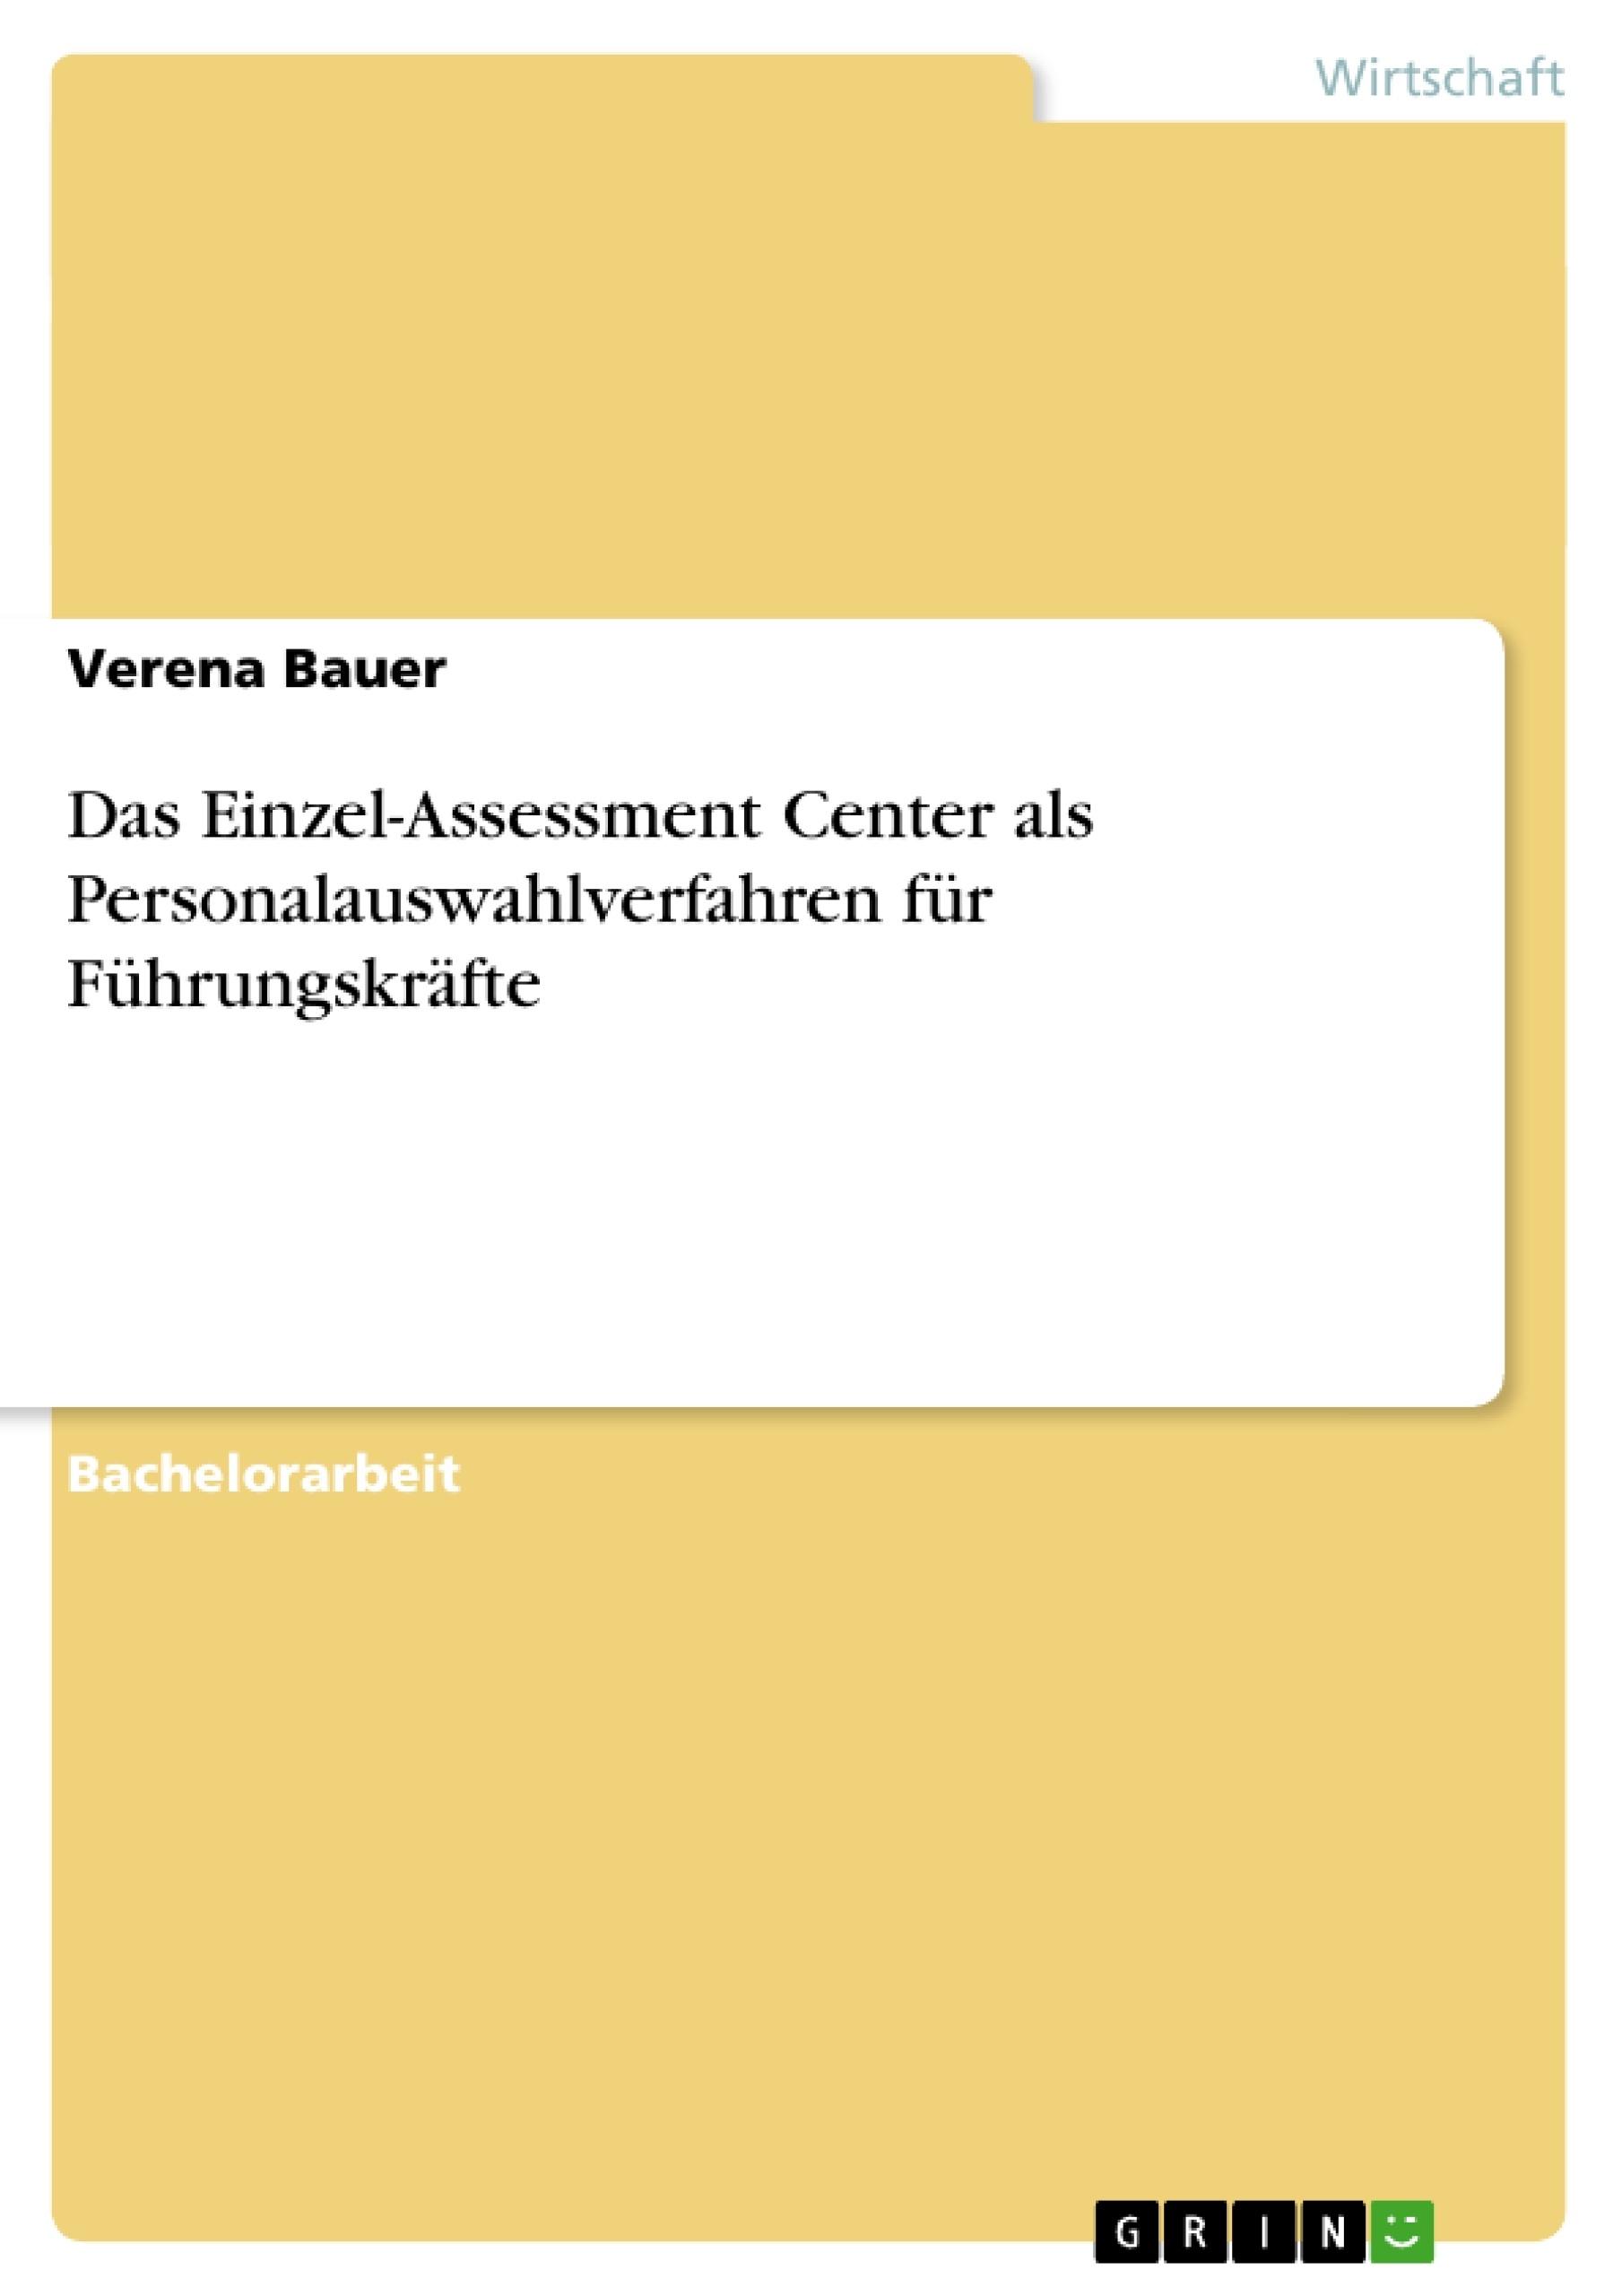 Titel: Das Einzel-Assessment Center als Personalauswahlverfahren für Führungskräfte